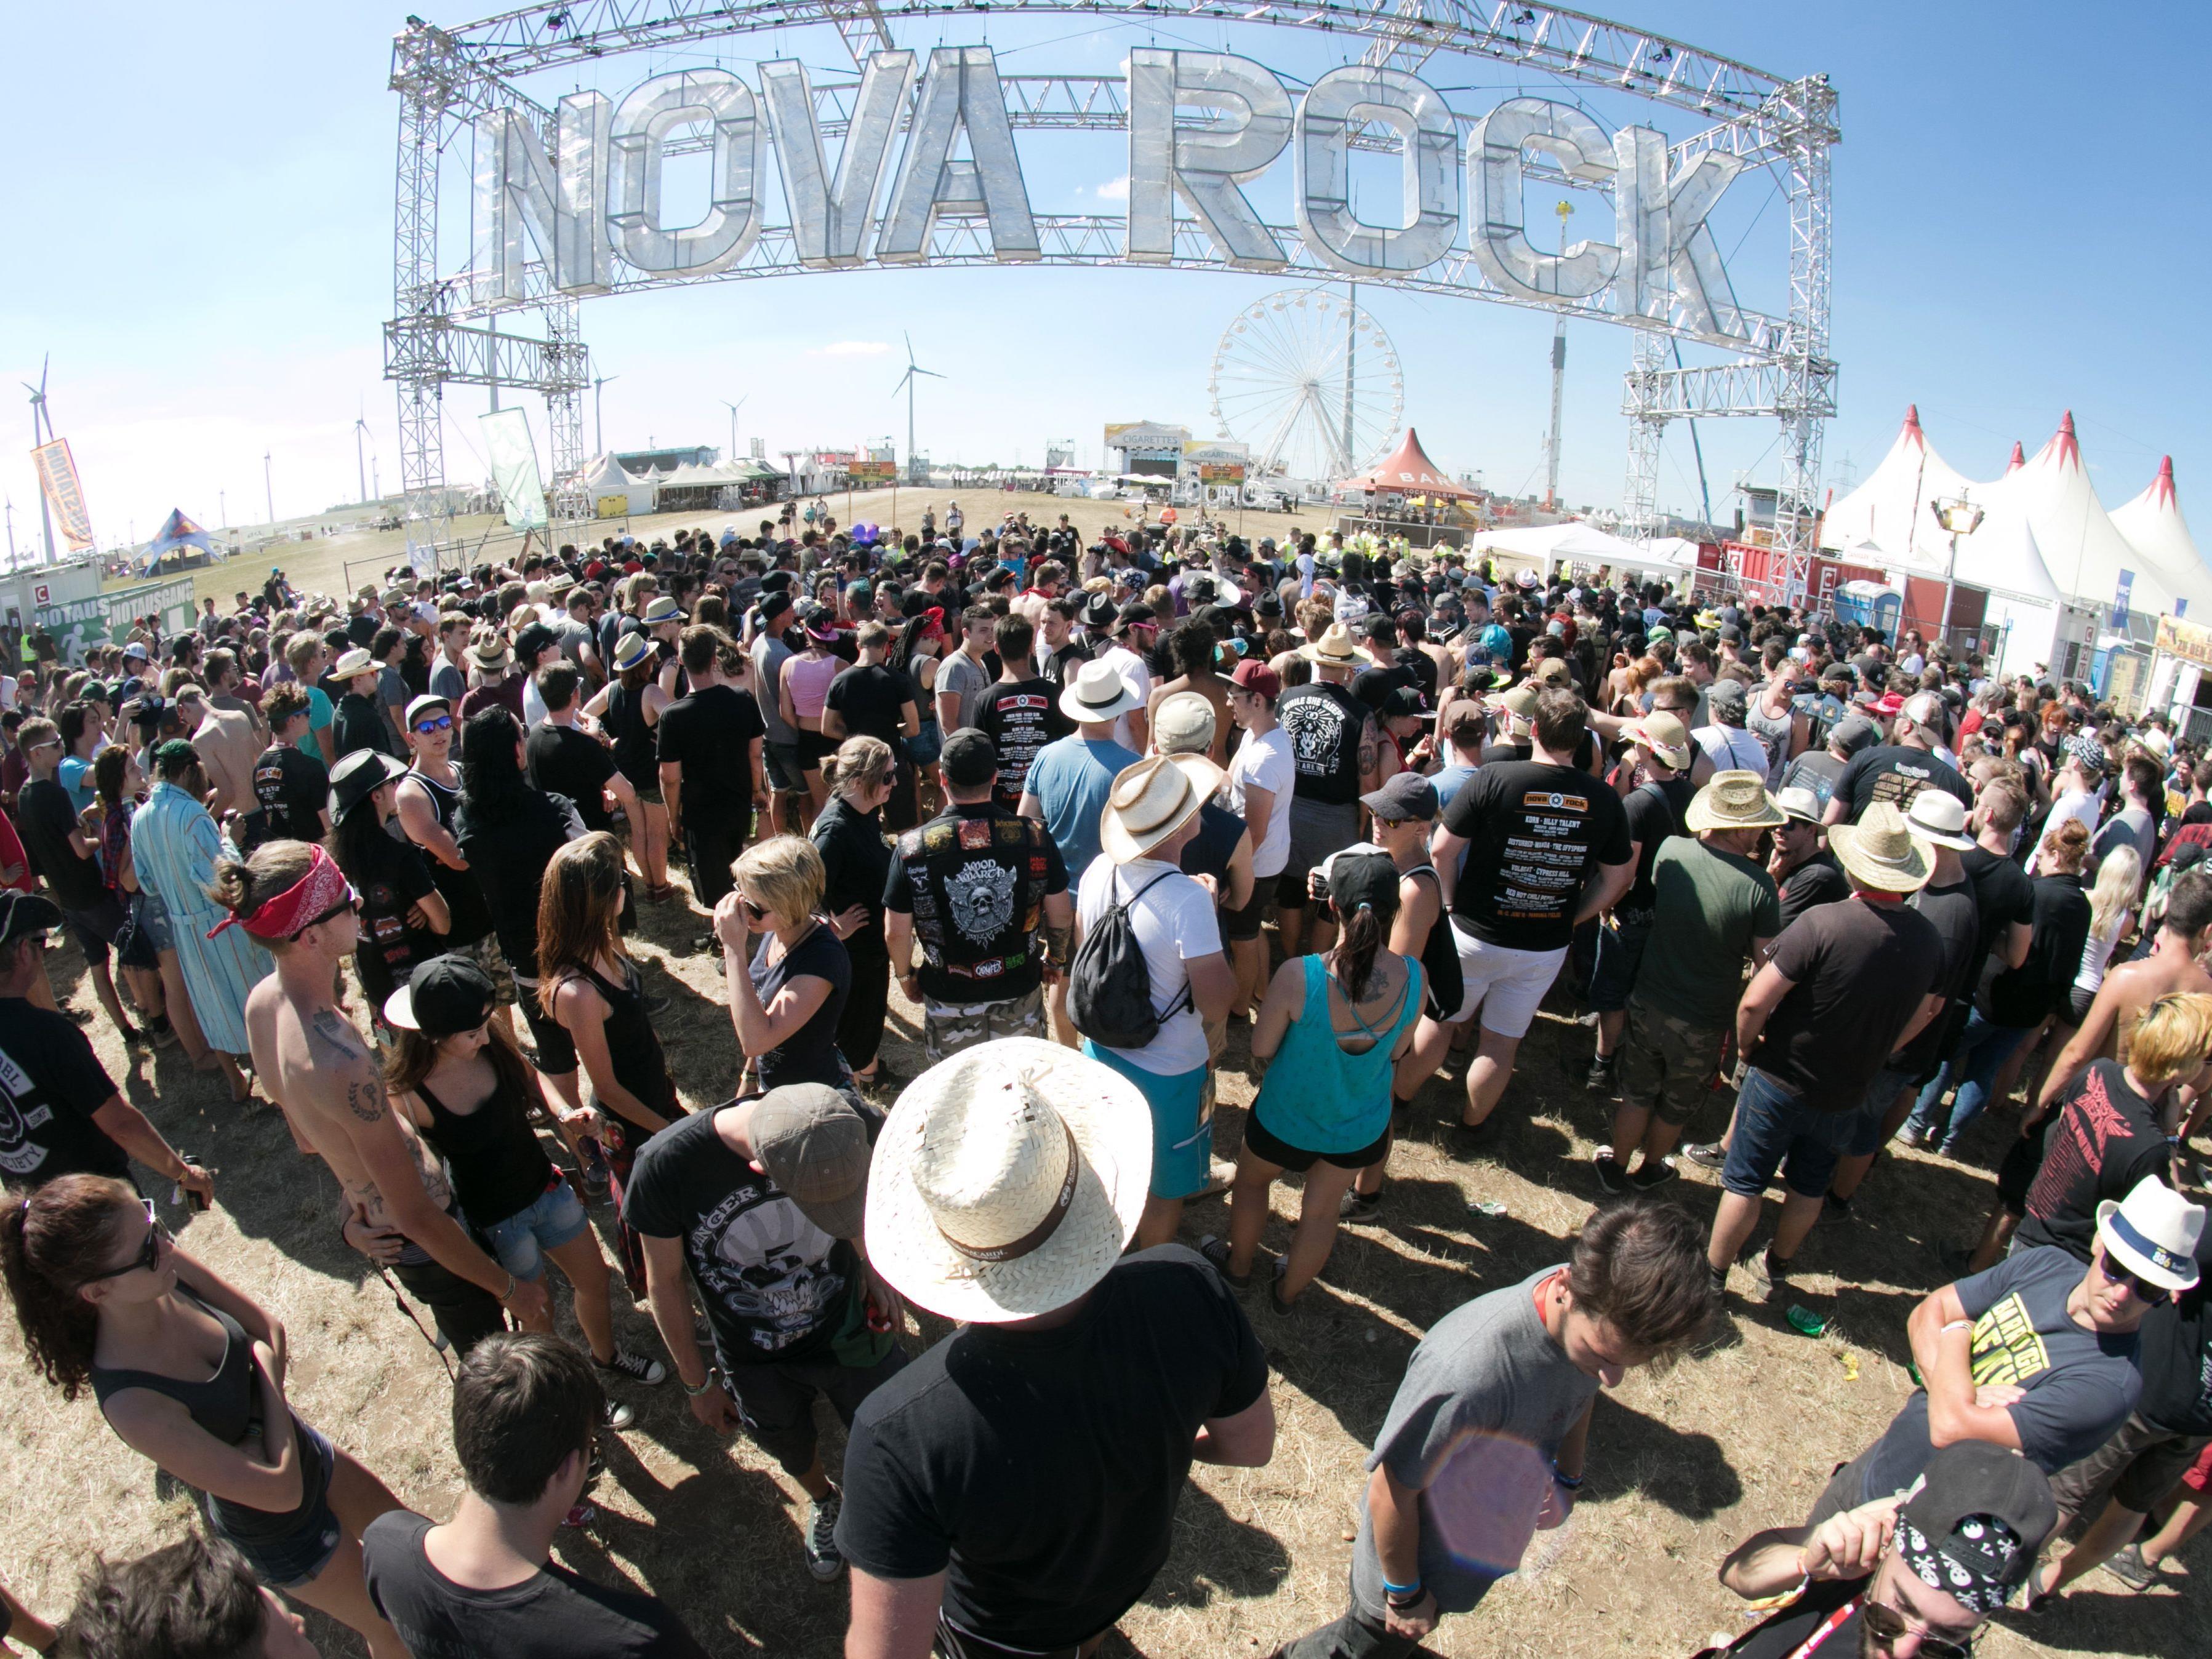 Am Mittwoch startete das Nova Rock Festival 2017.